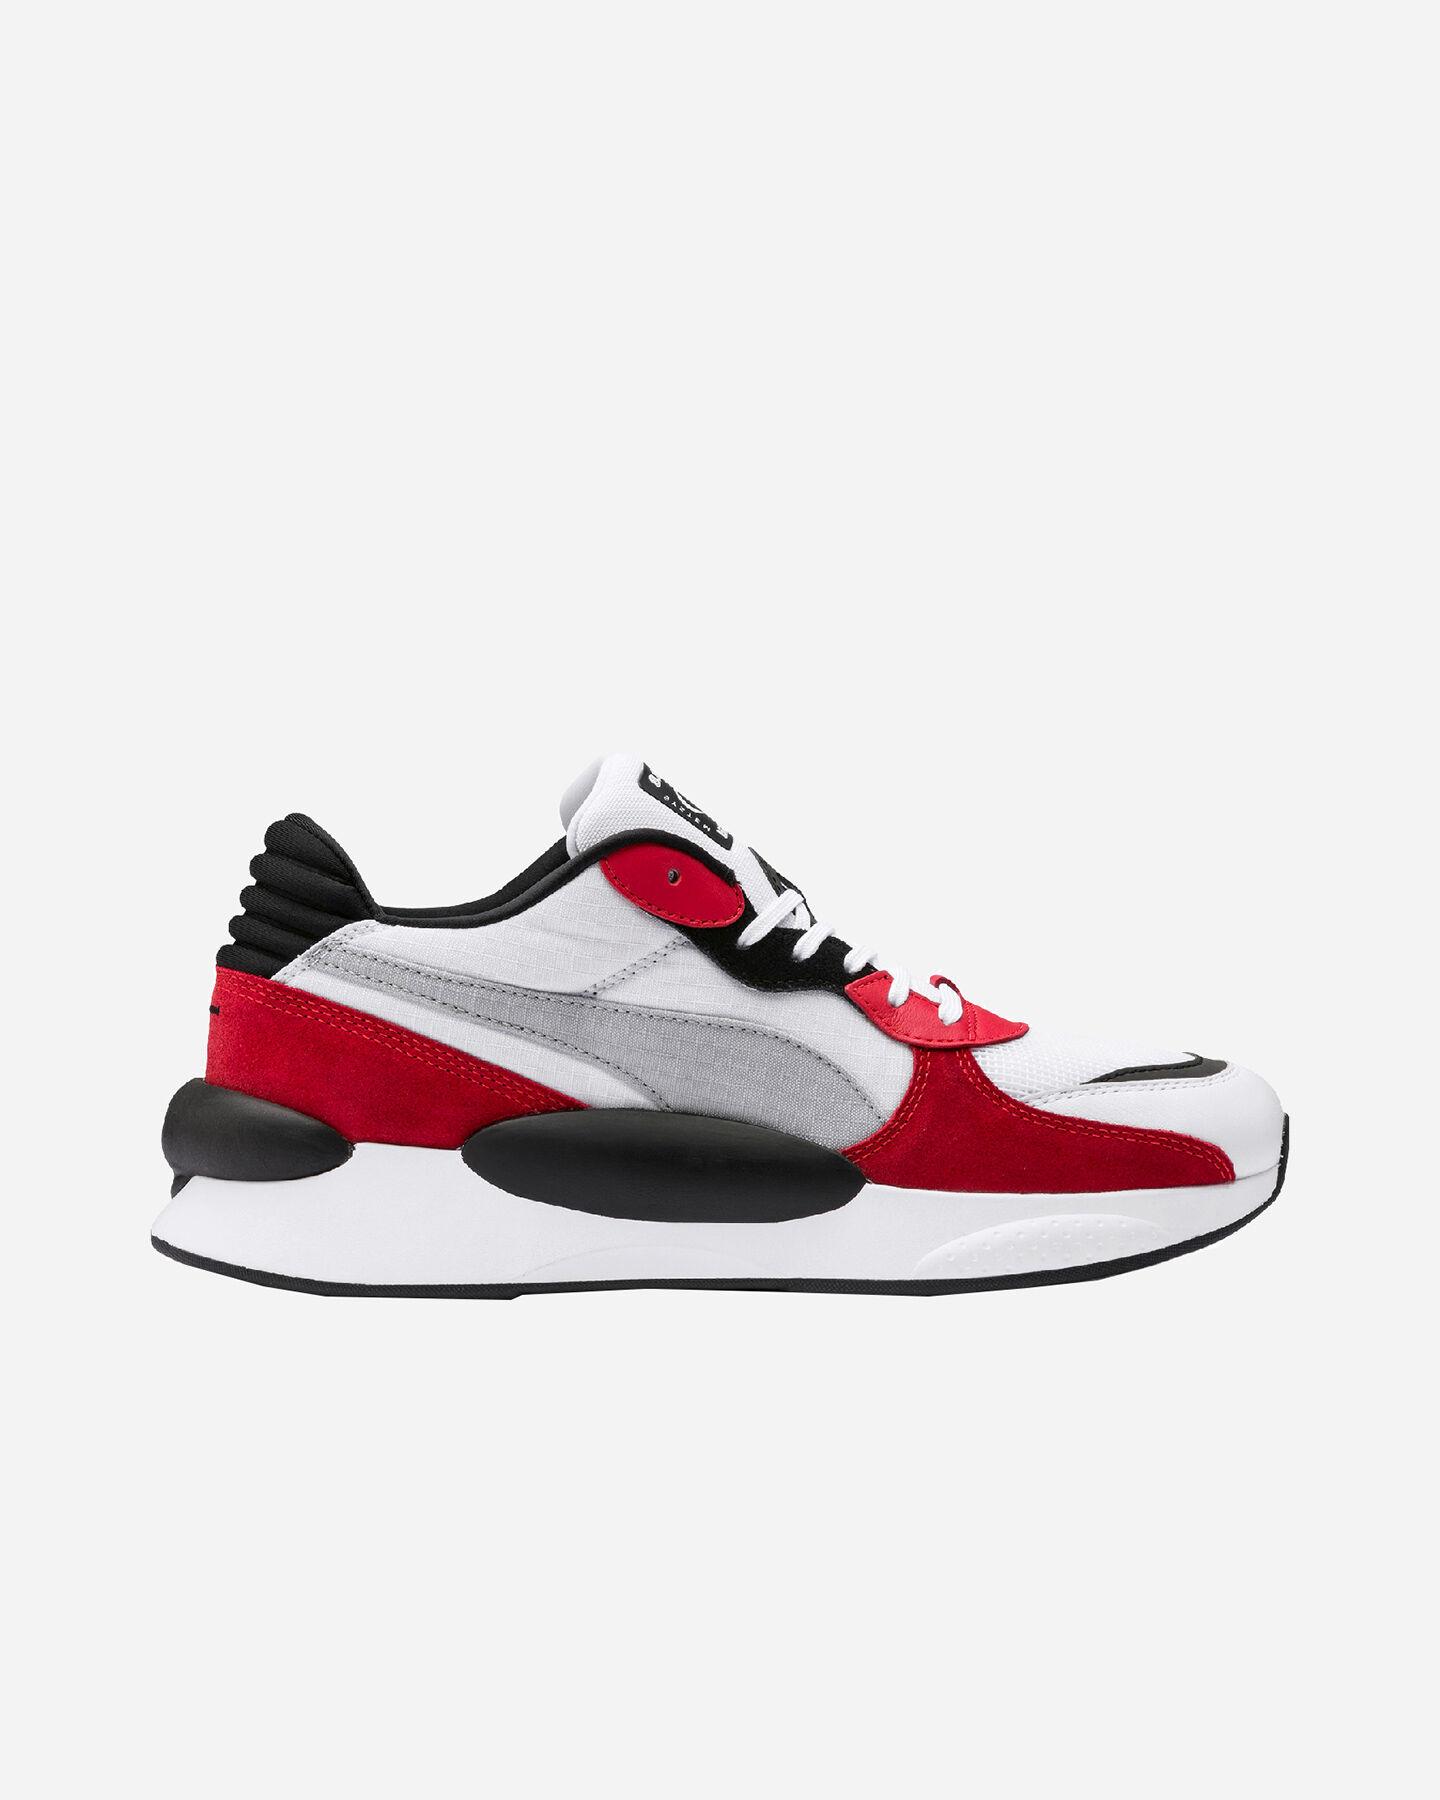 scarpe puma rs